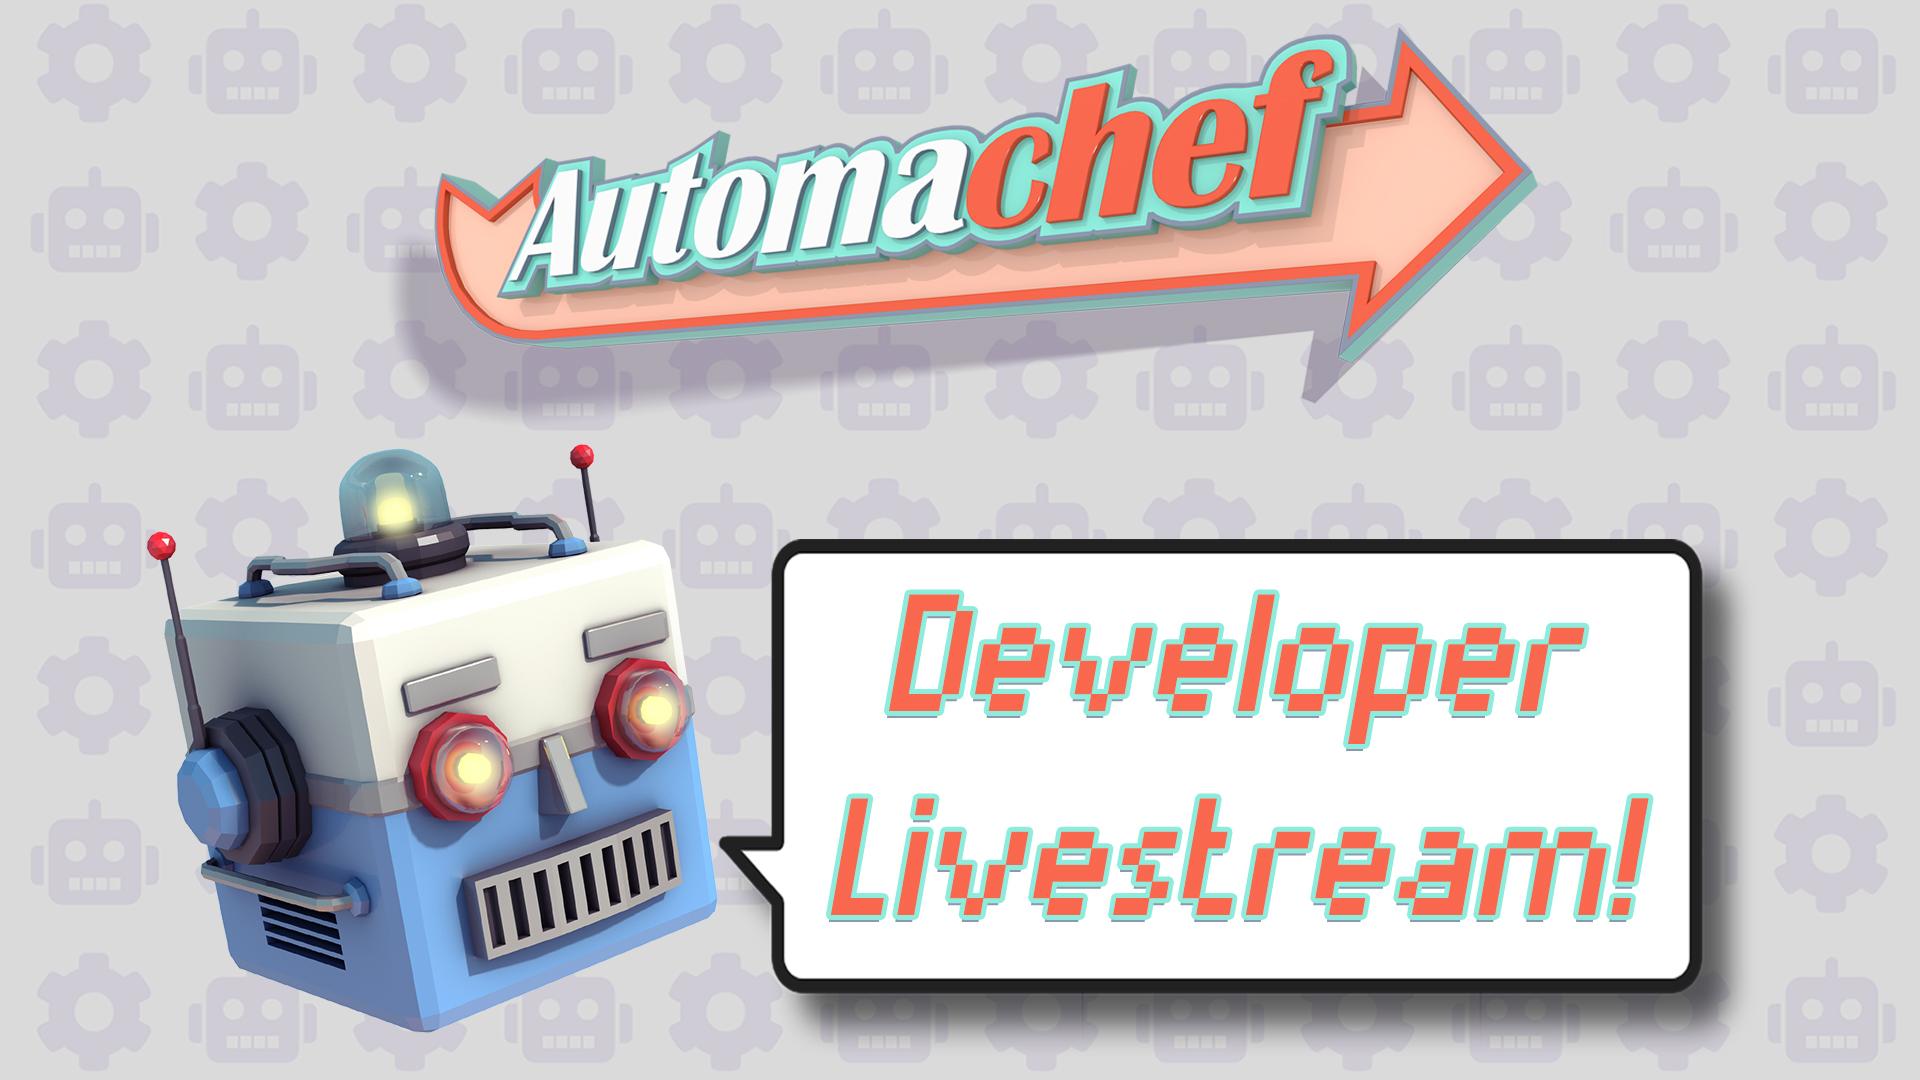 Automachef – Developer Livestream!